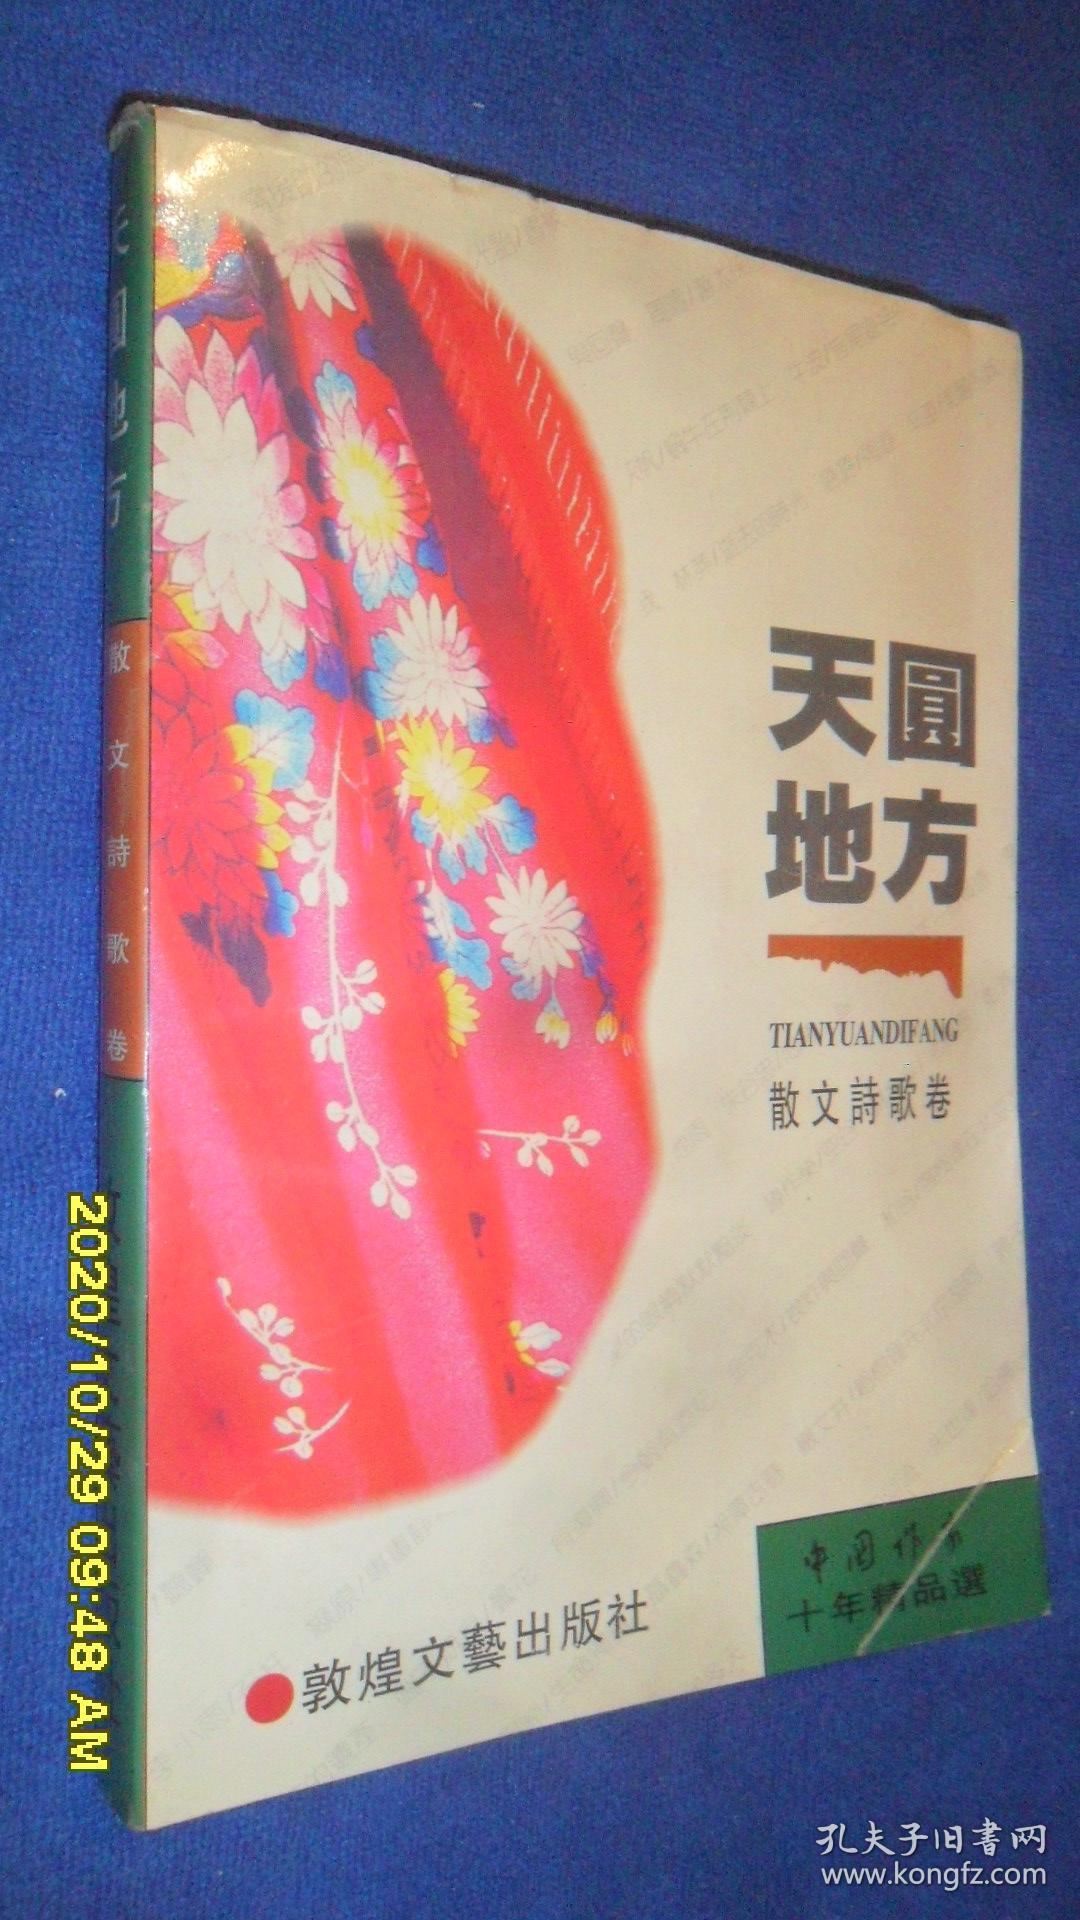 《中国作家》十年精品选·散文诗歌卷 天圆地方